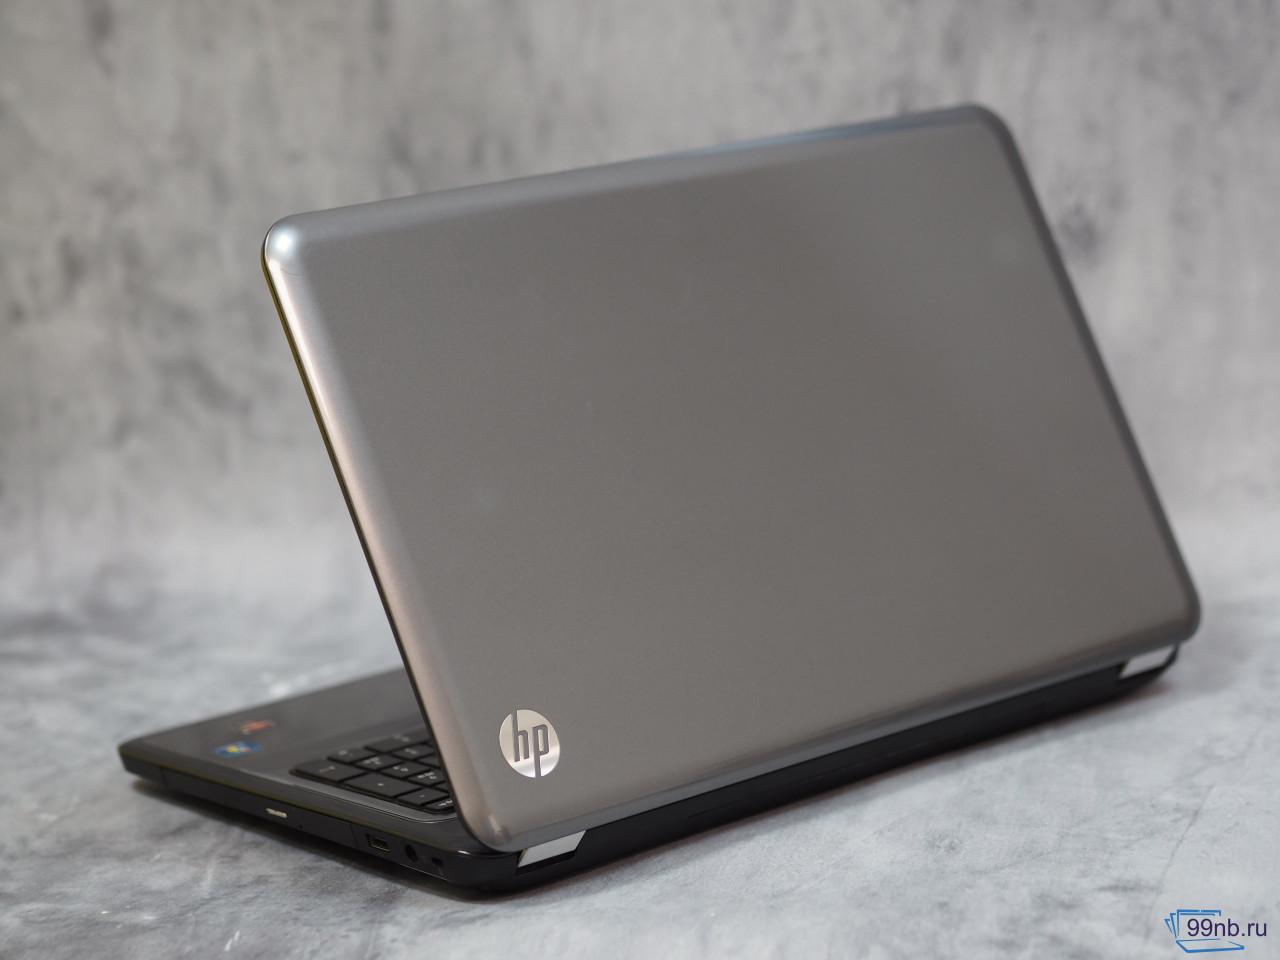 Дизайнерский HP на i5/8gb/17.3